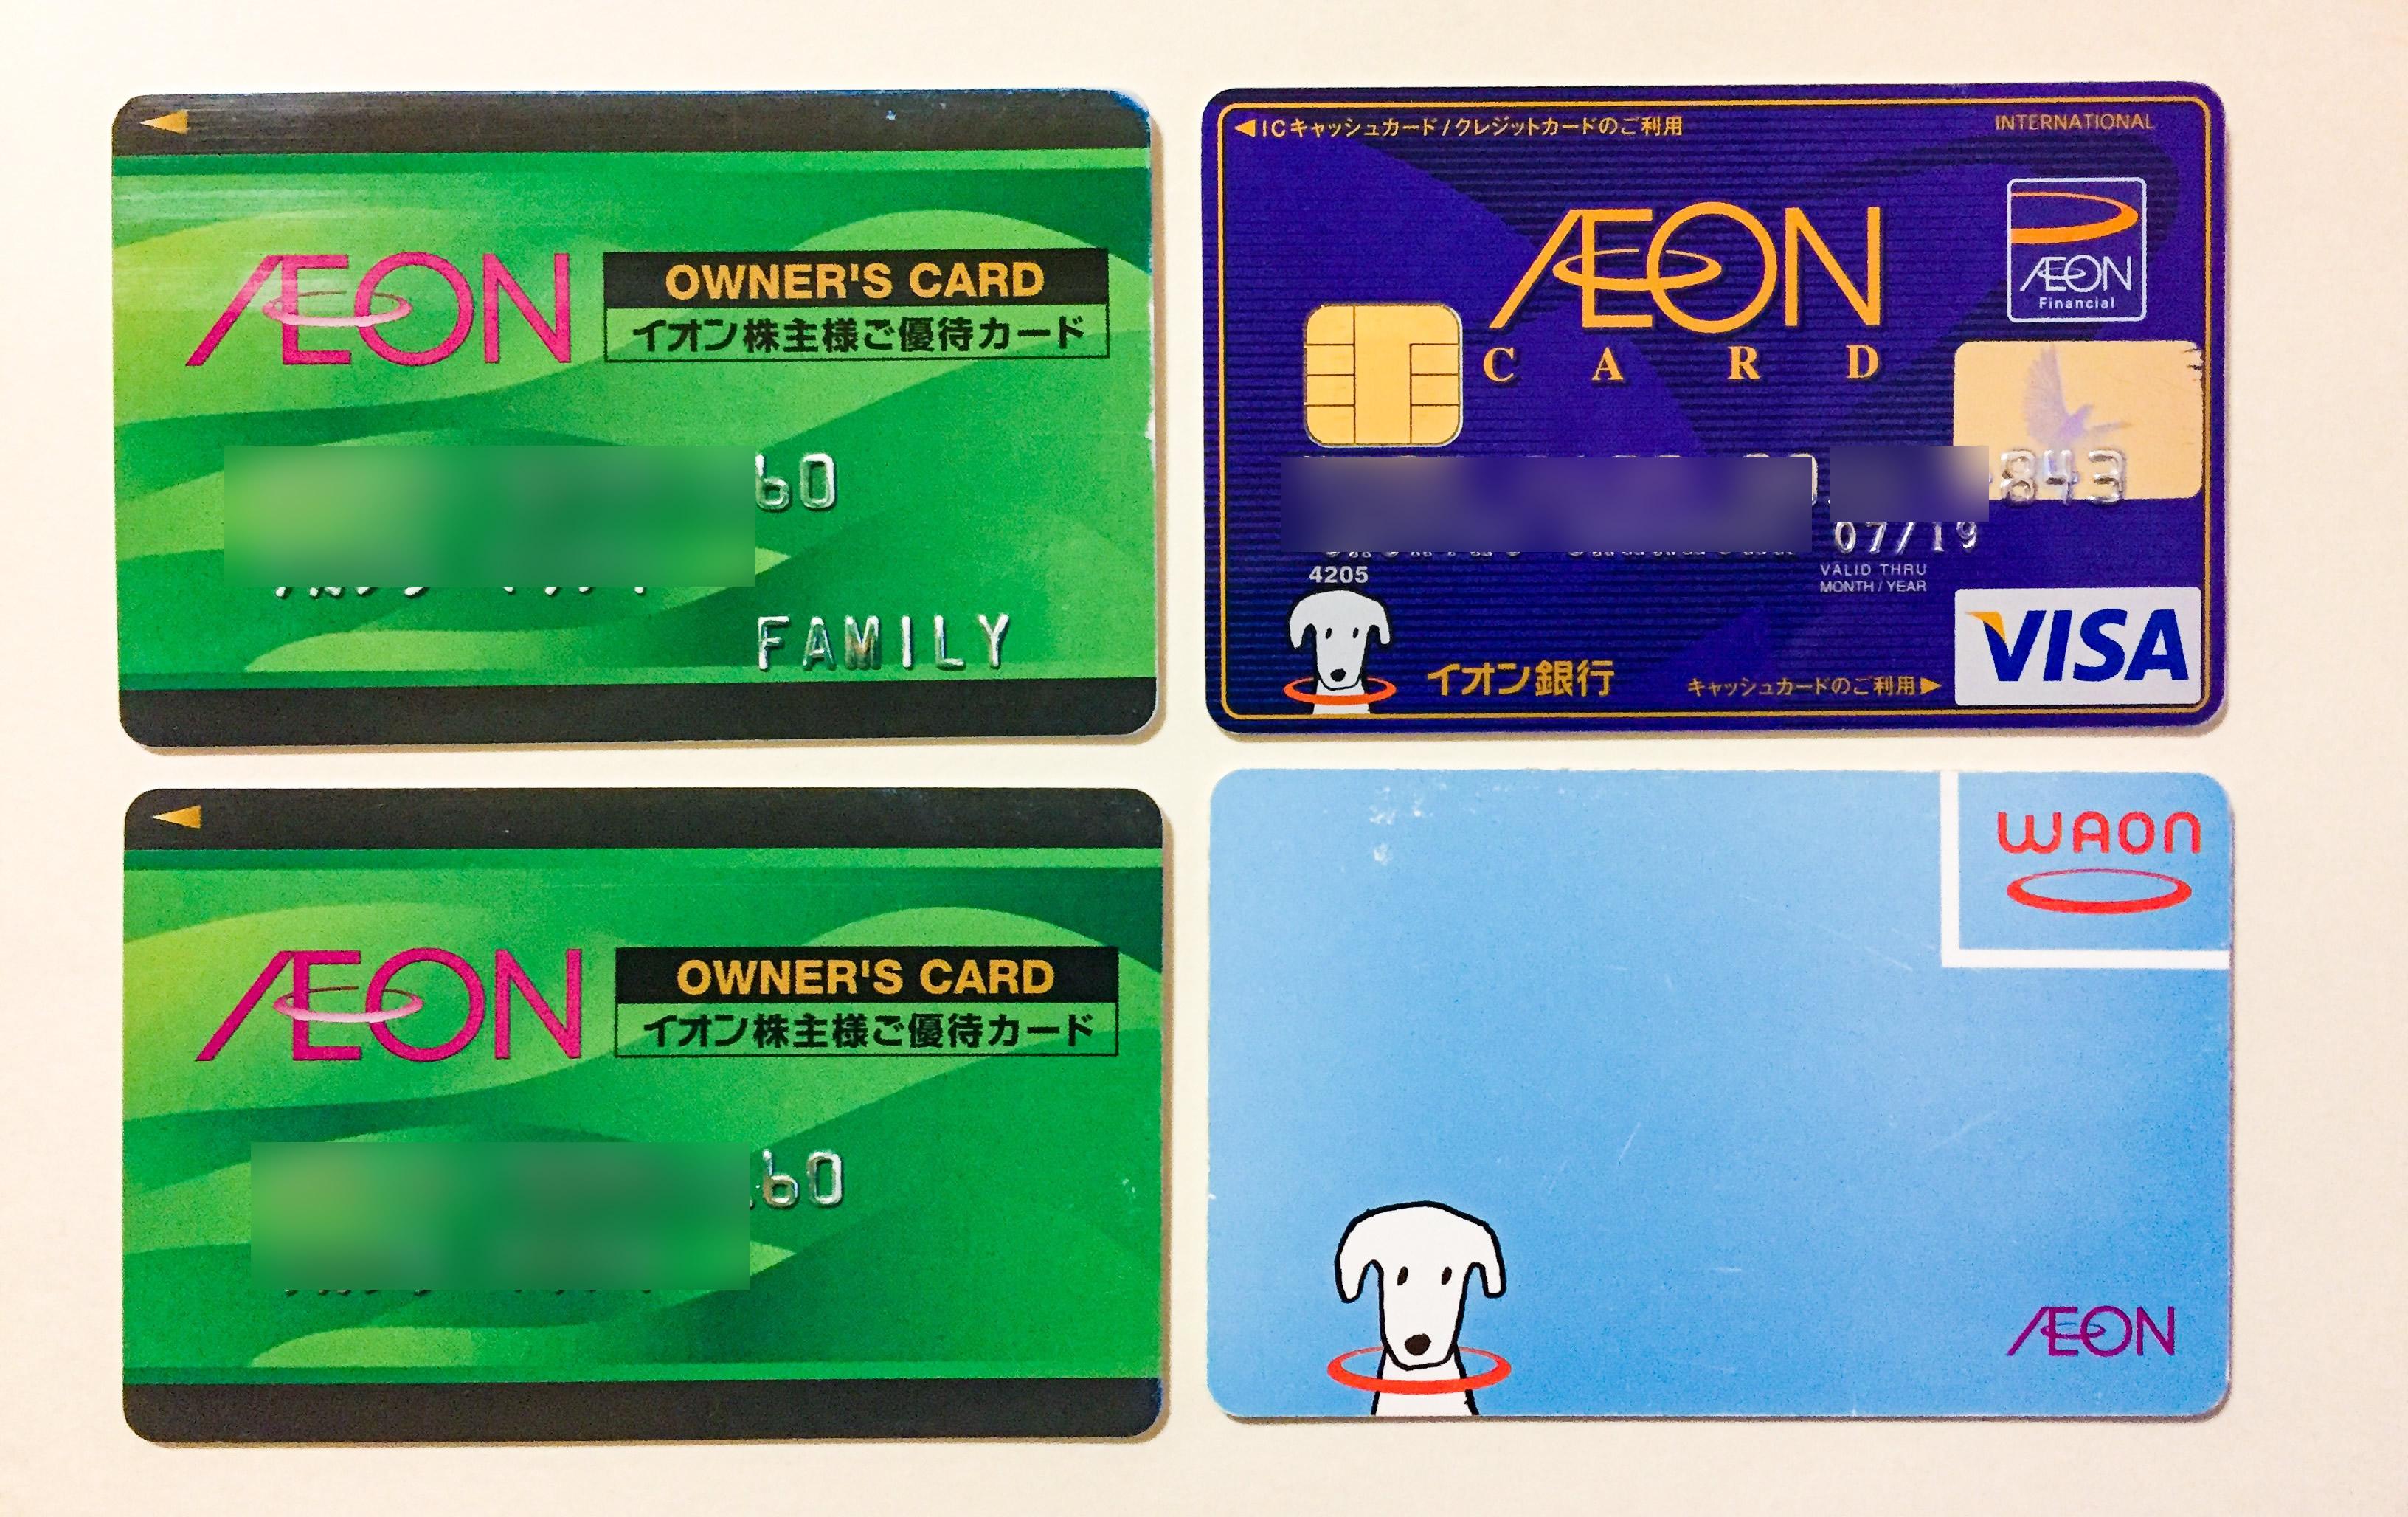 オーナーズ カード イオン